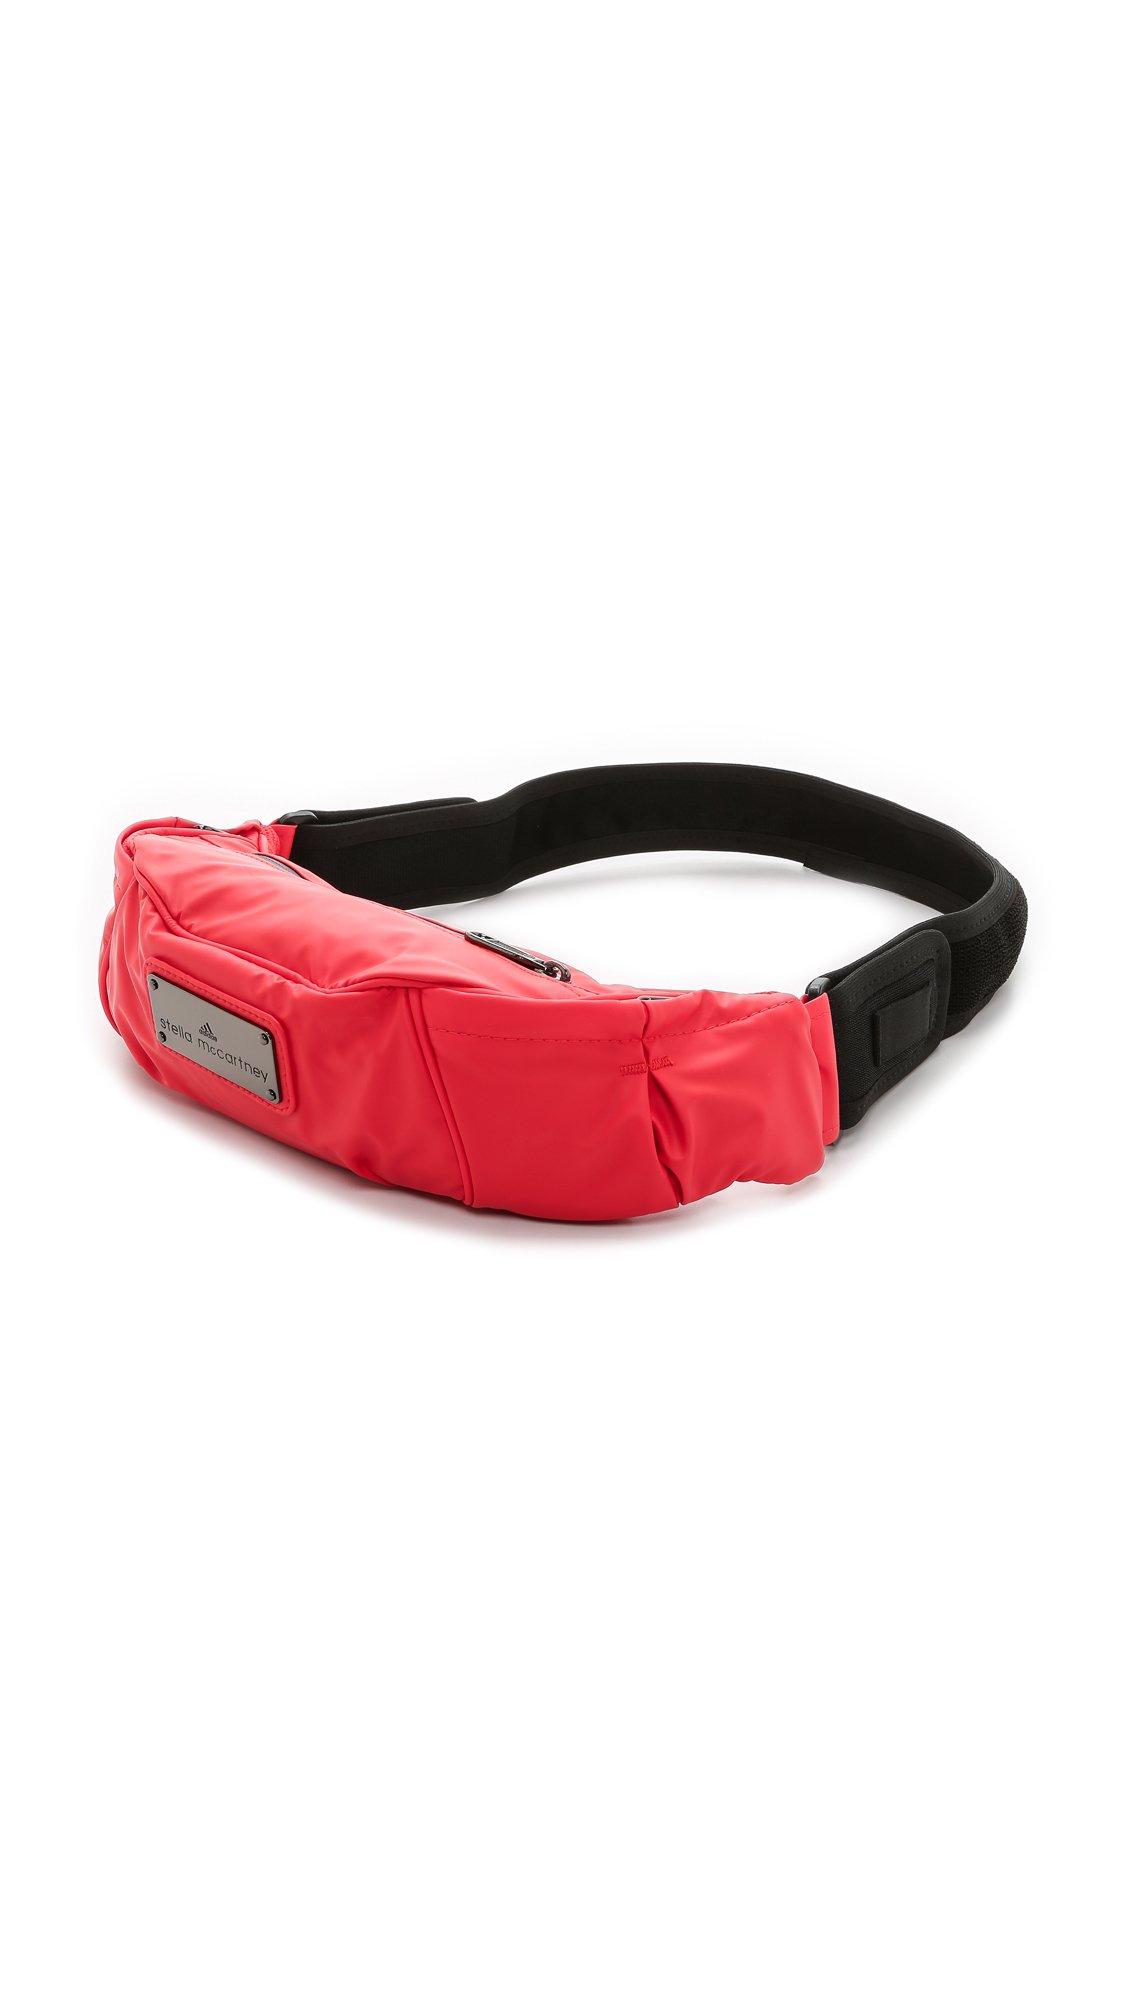 Lyst - adidas By Stella McCartney Running Cycling Bum Bag - Scarlet ... a2f3e19e17206